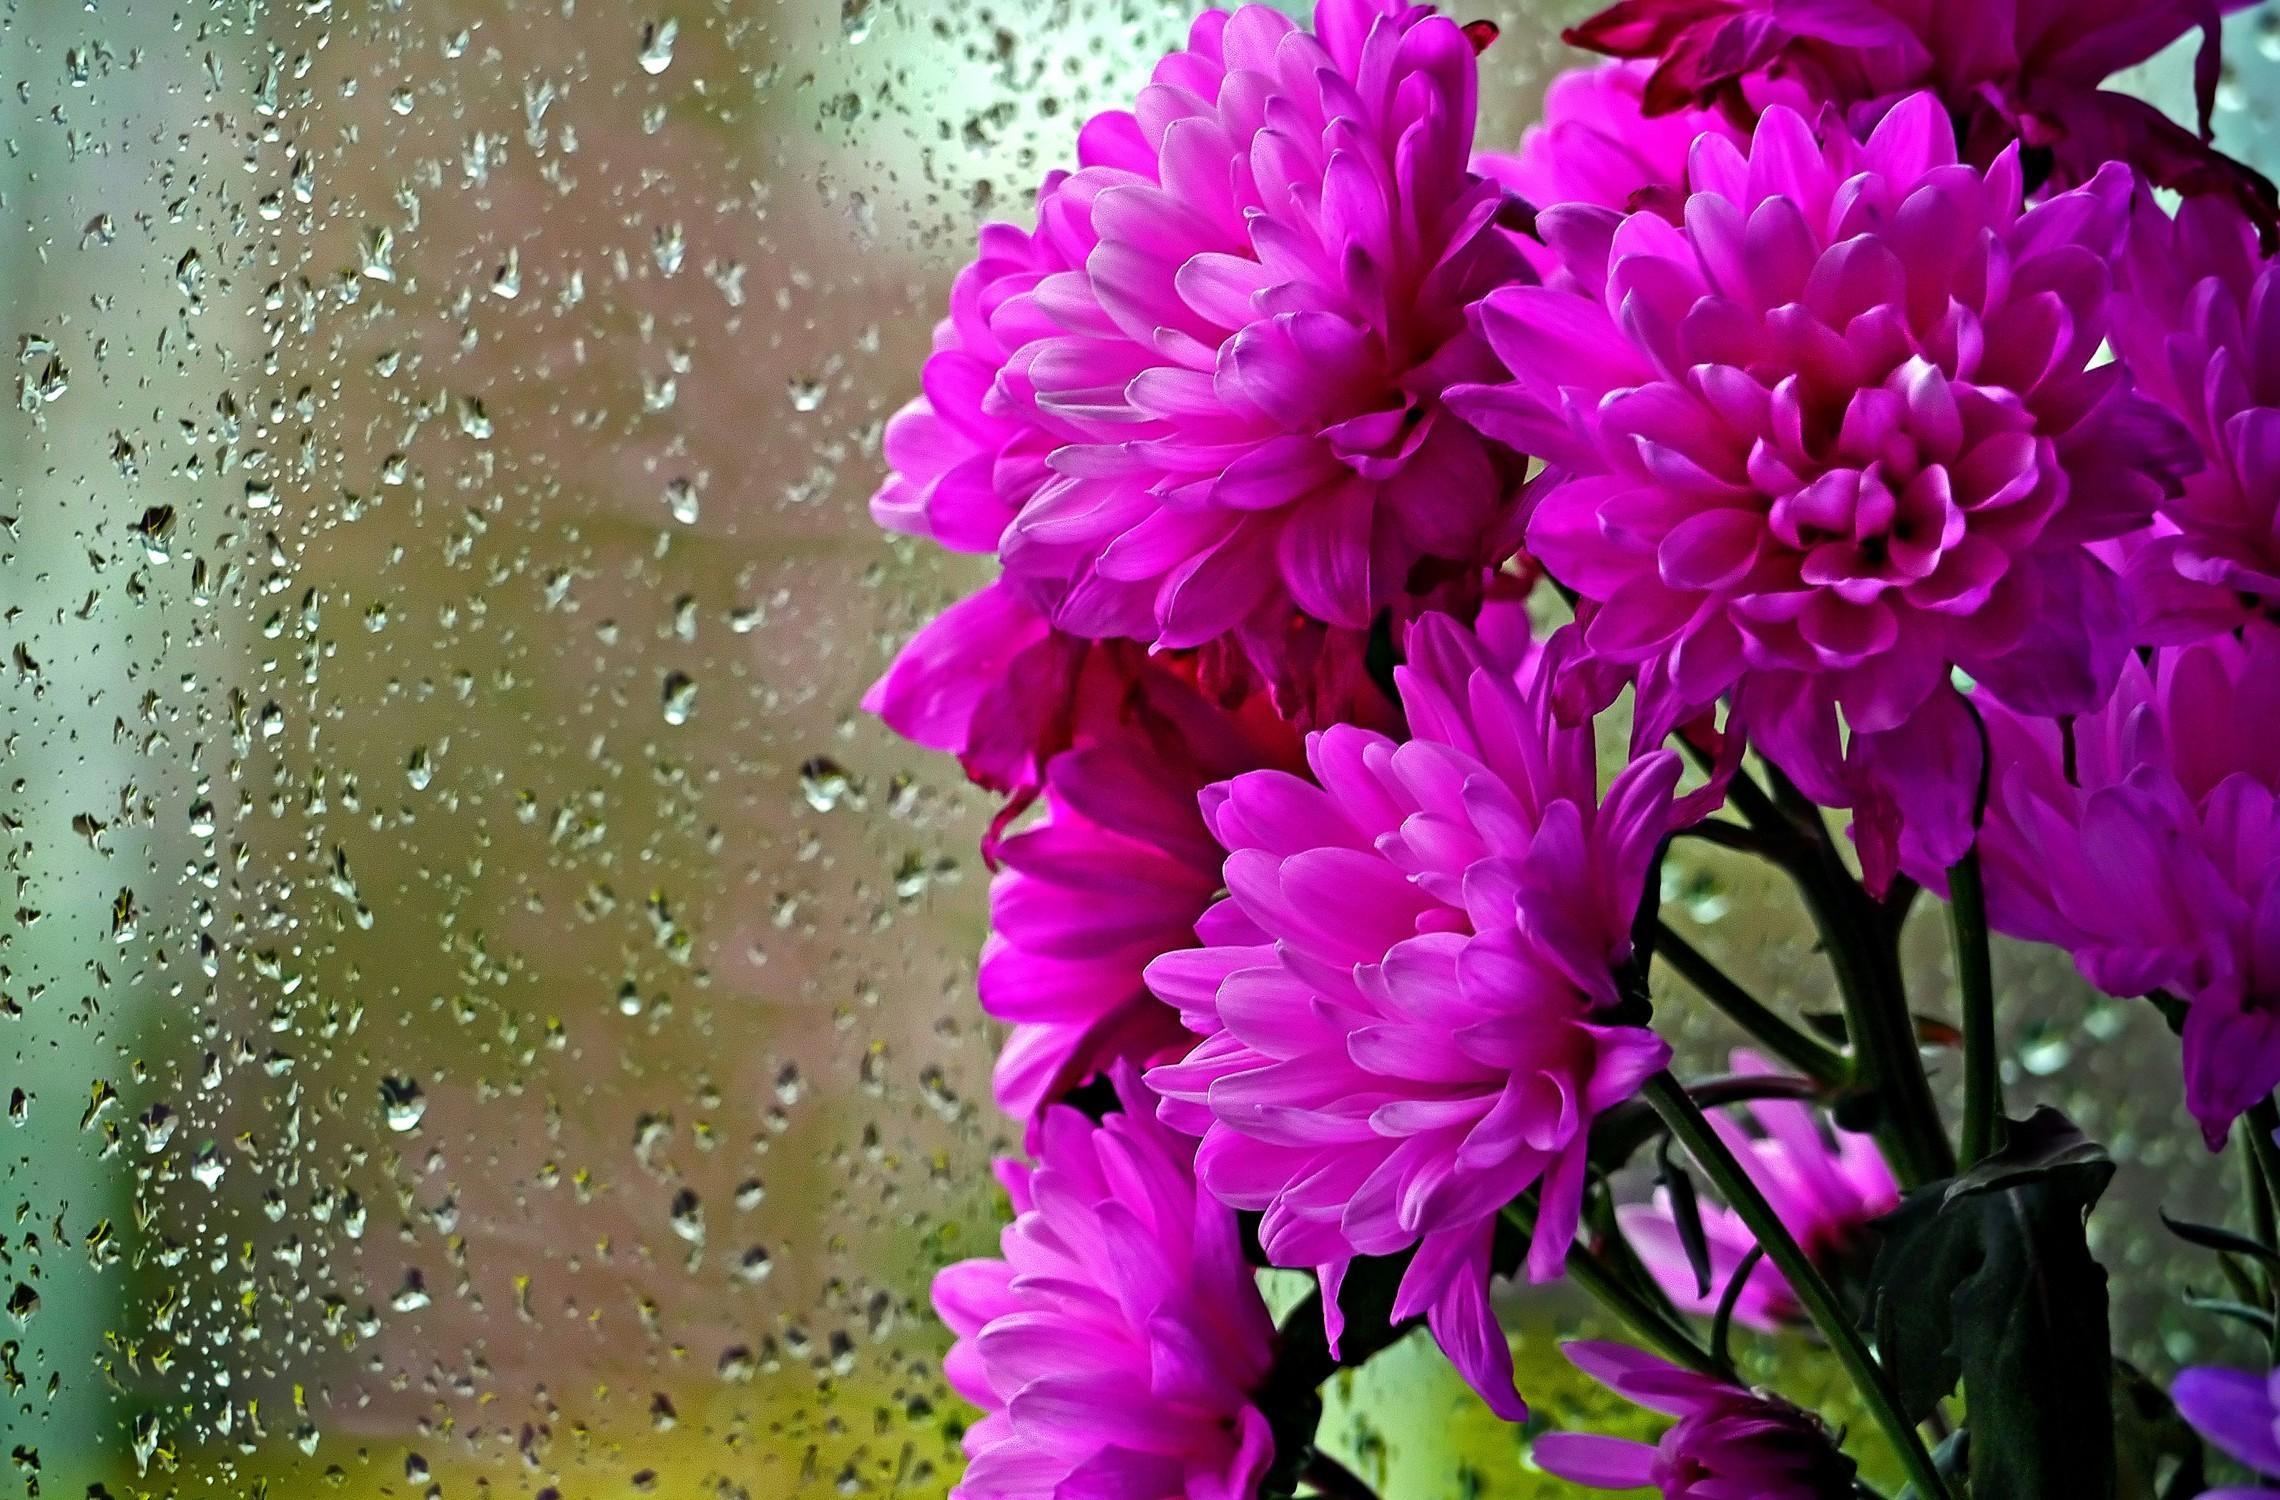 98895 скачать обои Цветы, Букет, Стекло, Капли, Дождь, Хризантемы - заставки и картинки бесплатно